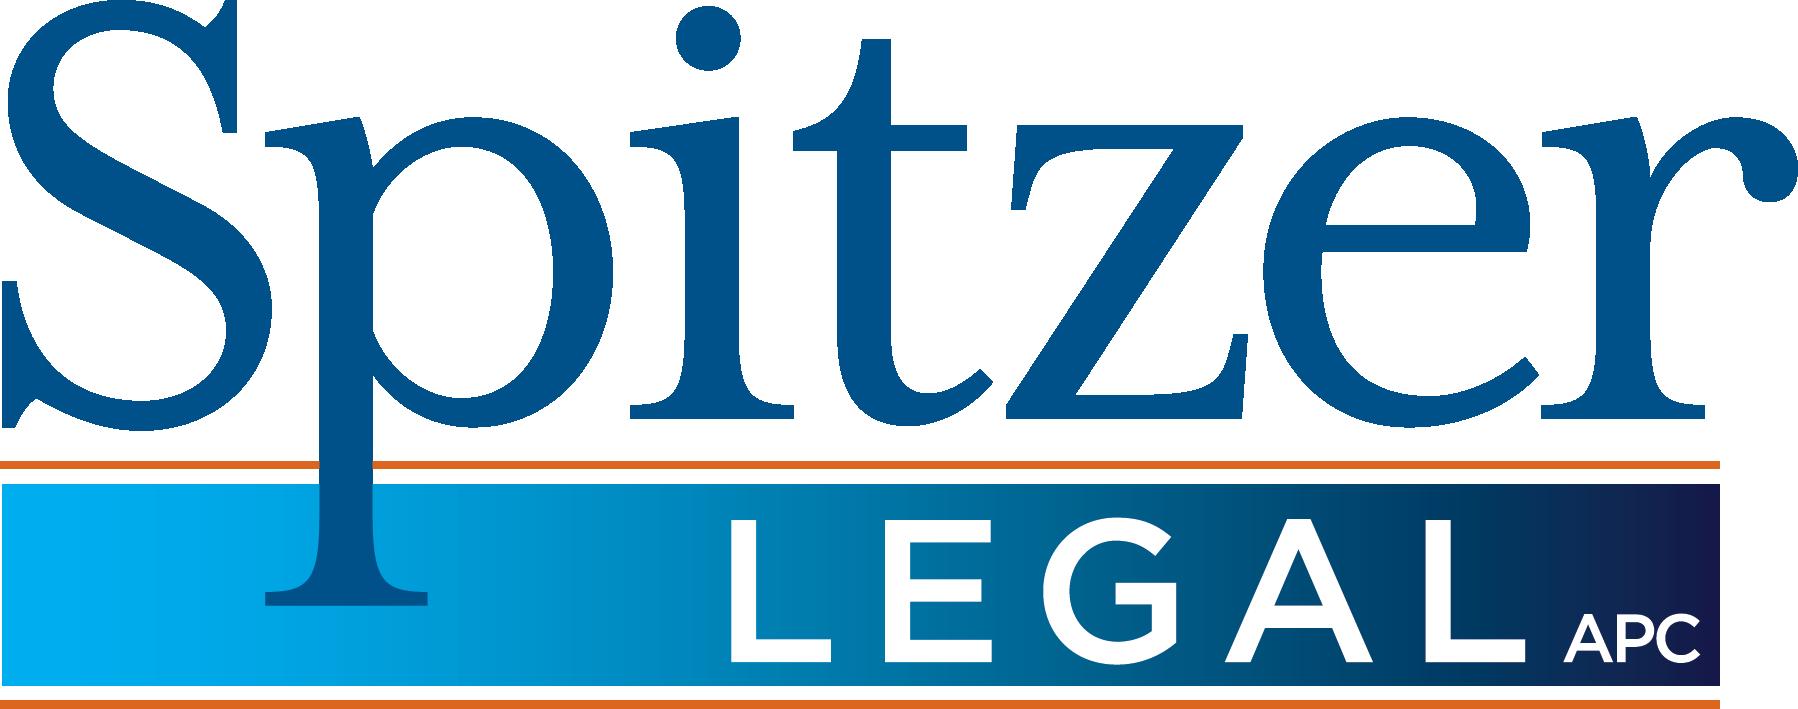 SpitzerLegal, APC